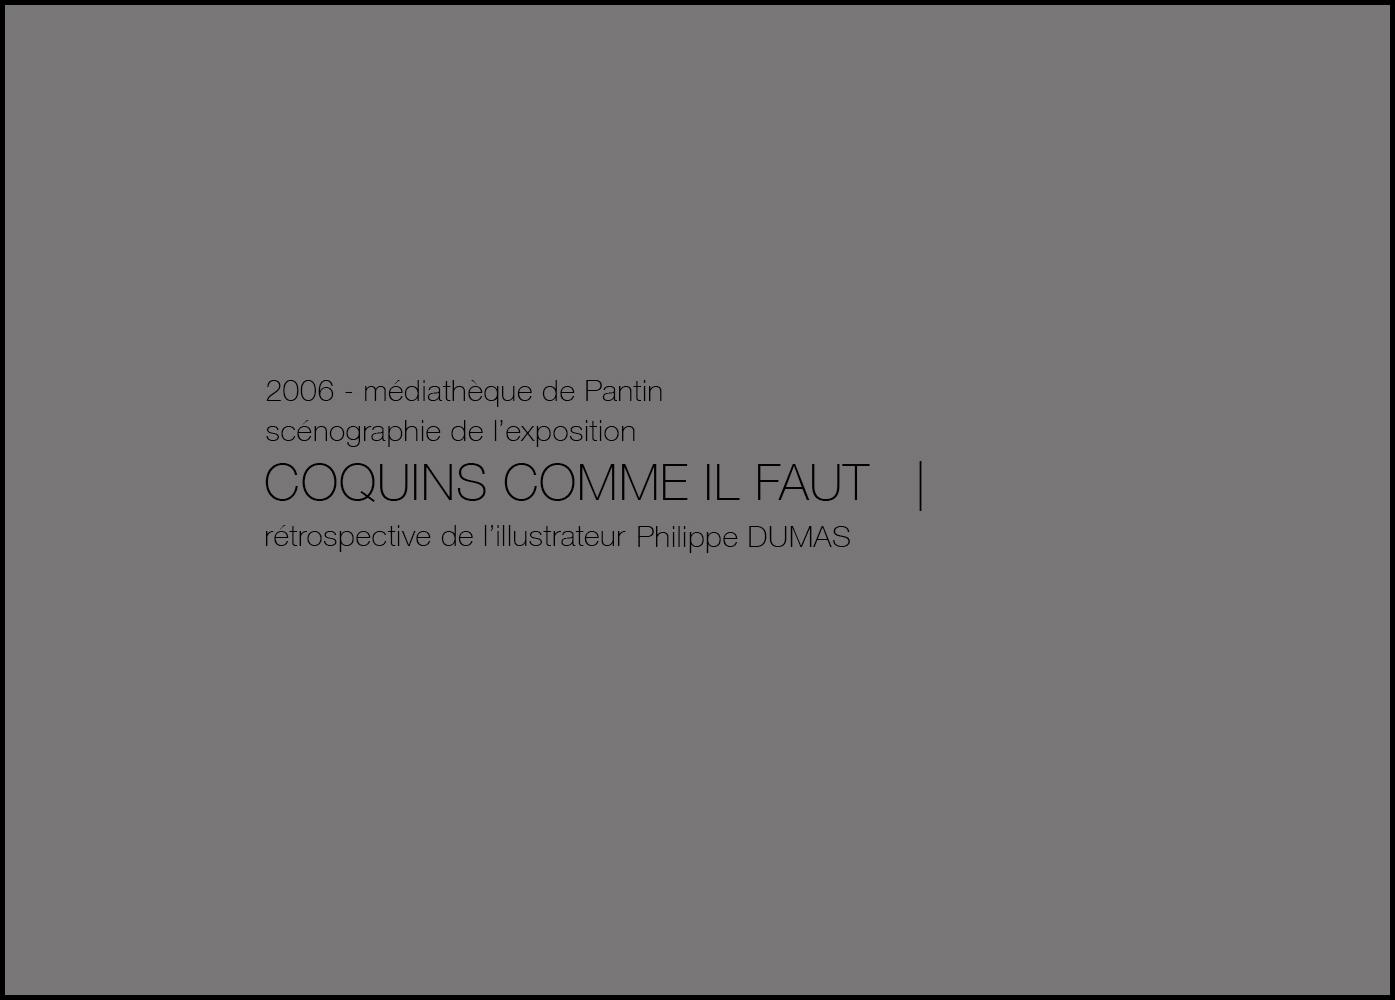 00_2006_05_Philippe-DUMAS-